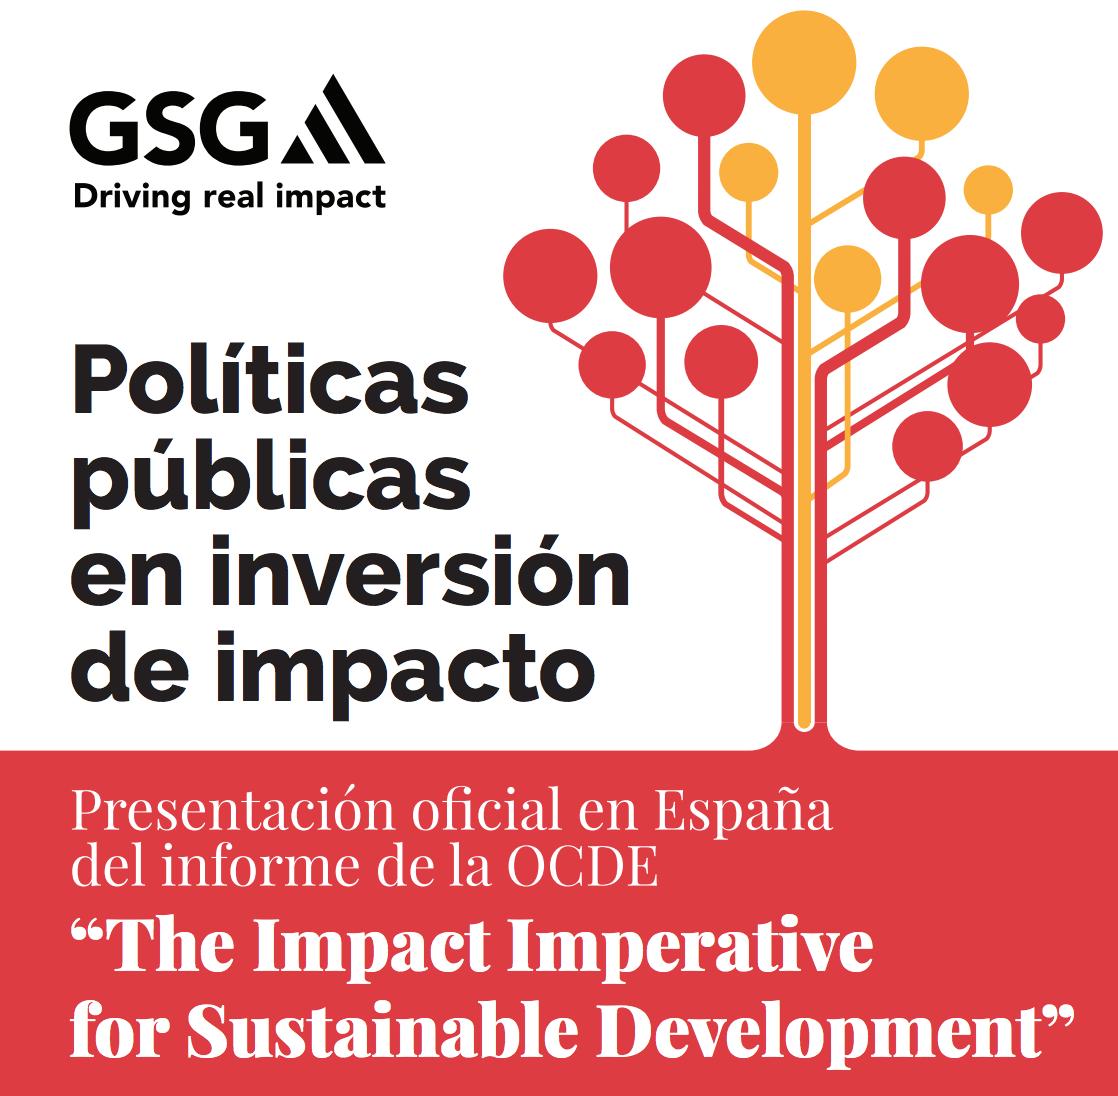 Poster presentación oficial GSG